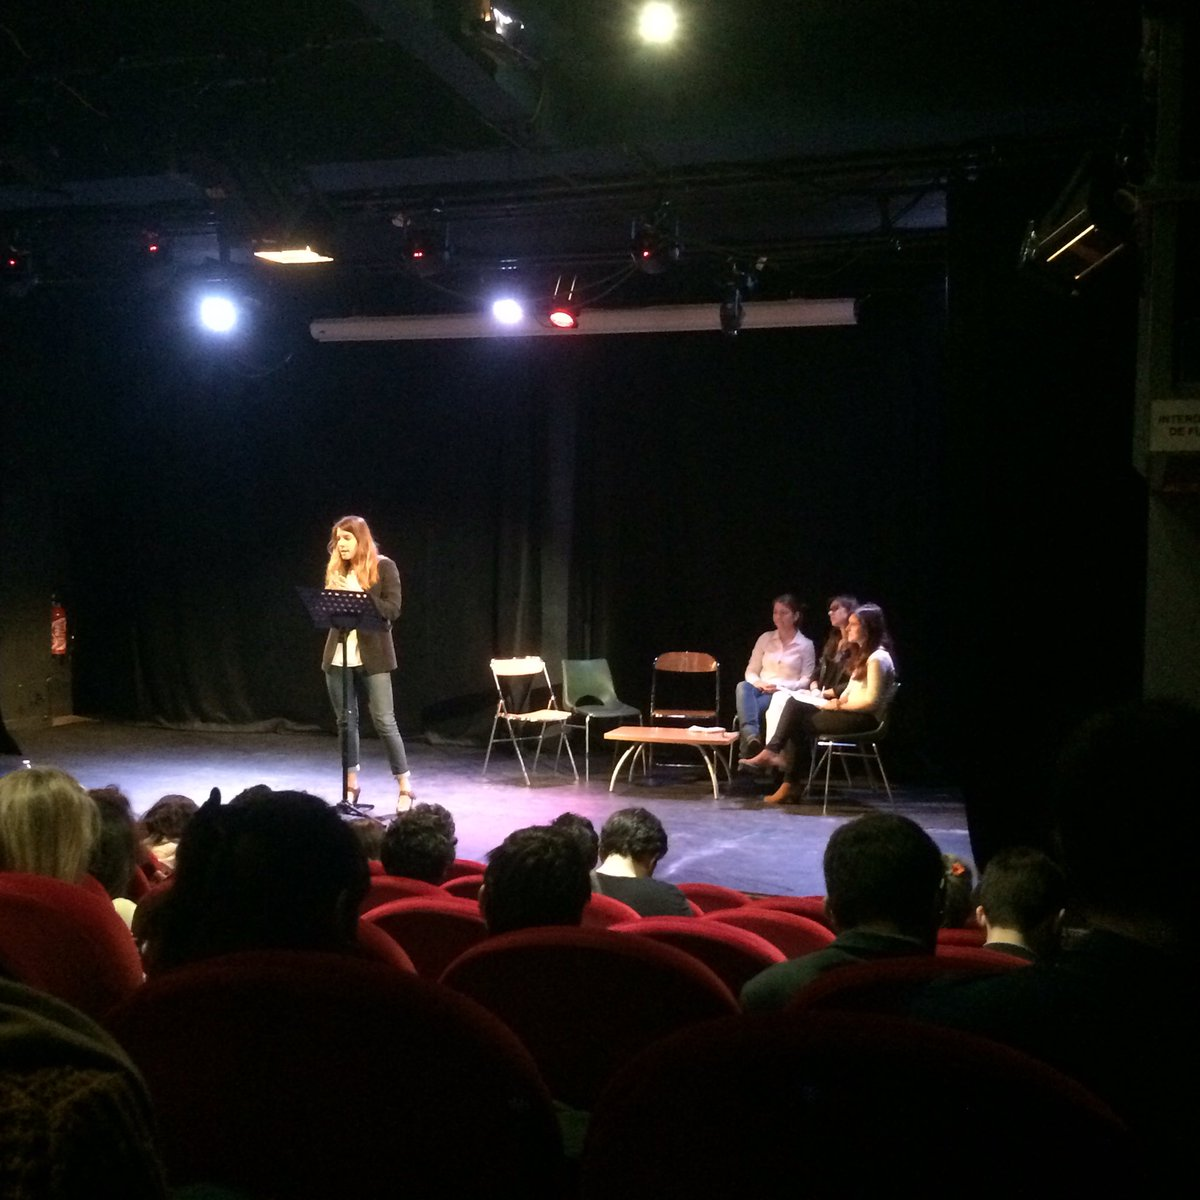 Lancement! Journée sur les métiers de la #participation @Asterya_ . Échanges sur les  #place #posture #éthique <br>http://pic.twitter.com/weh8Zf7Vxr